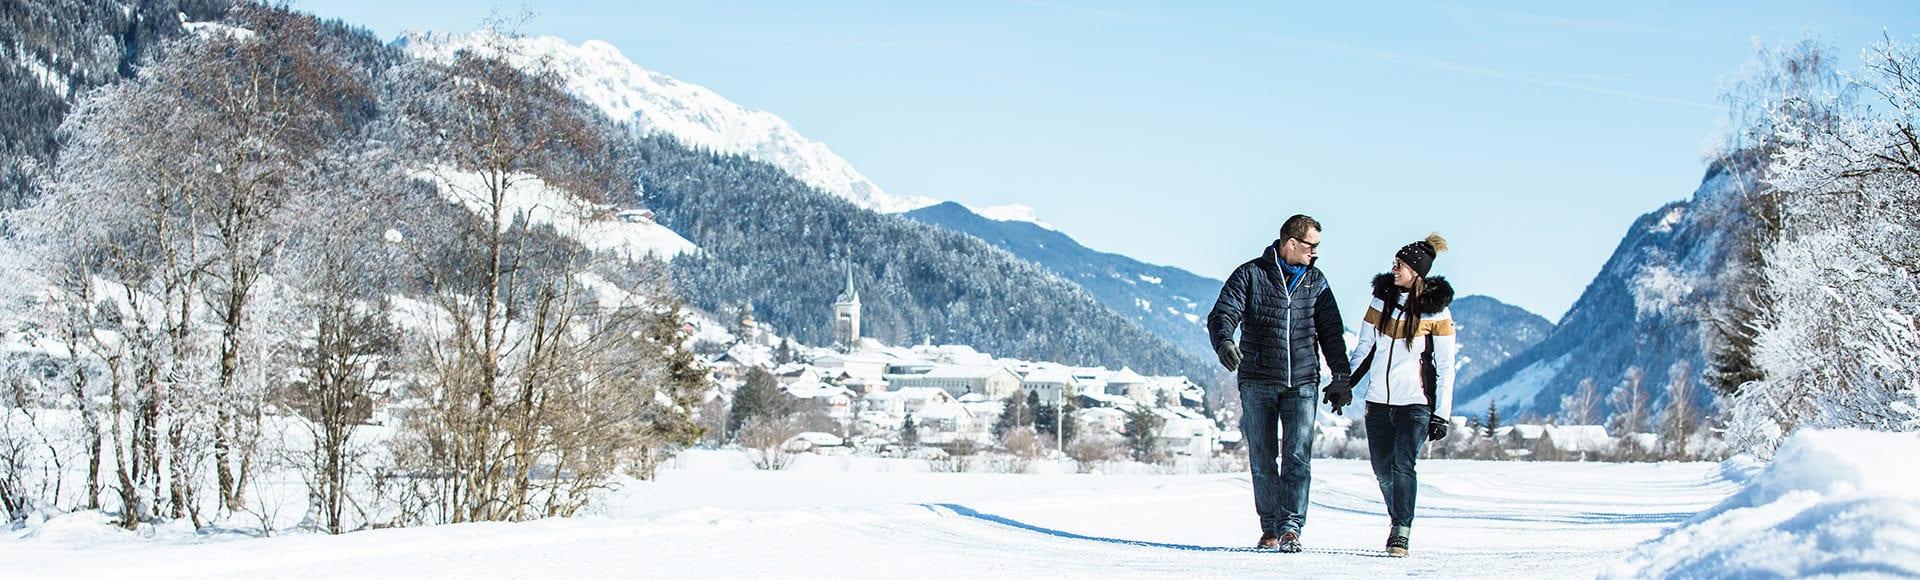 Winterwandern Winterurlaub Radstadt Tourismusverband Radstadt Markus Rohrbacher 1